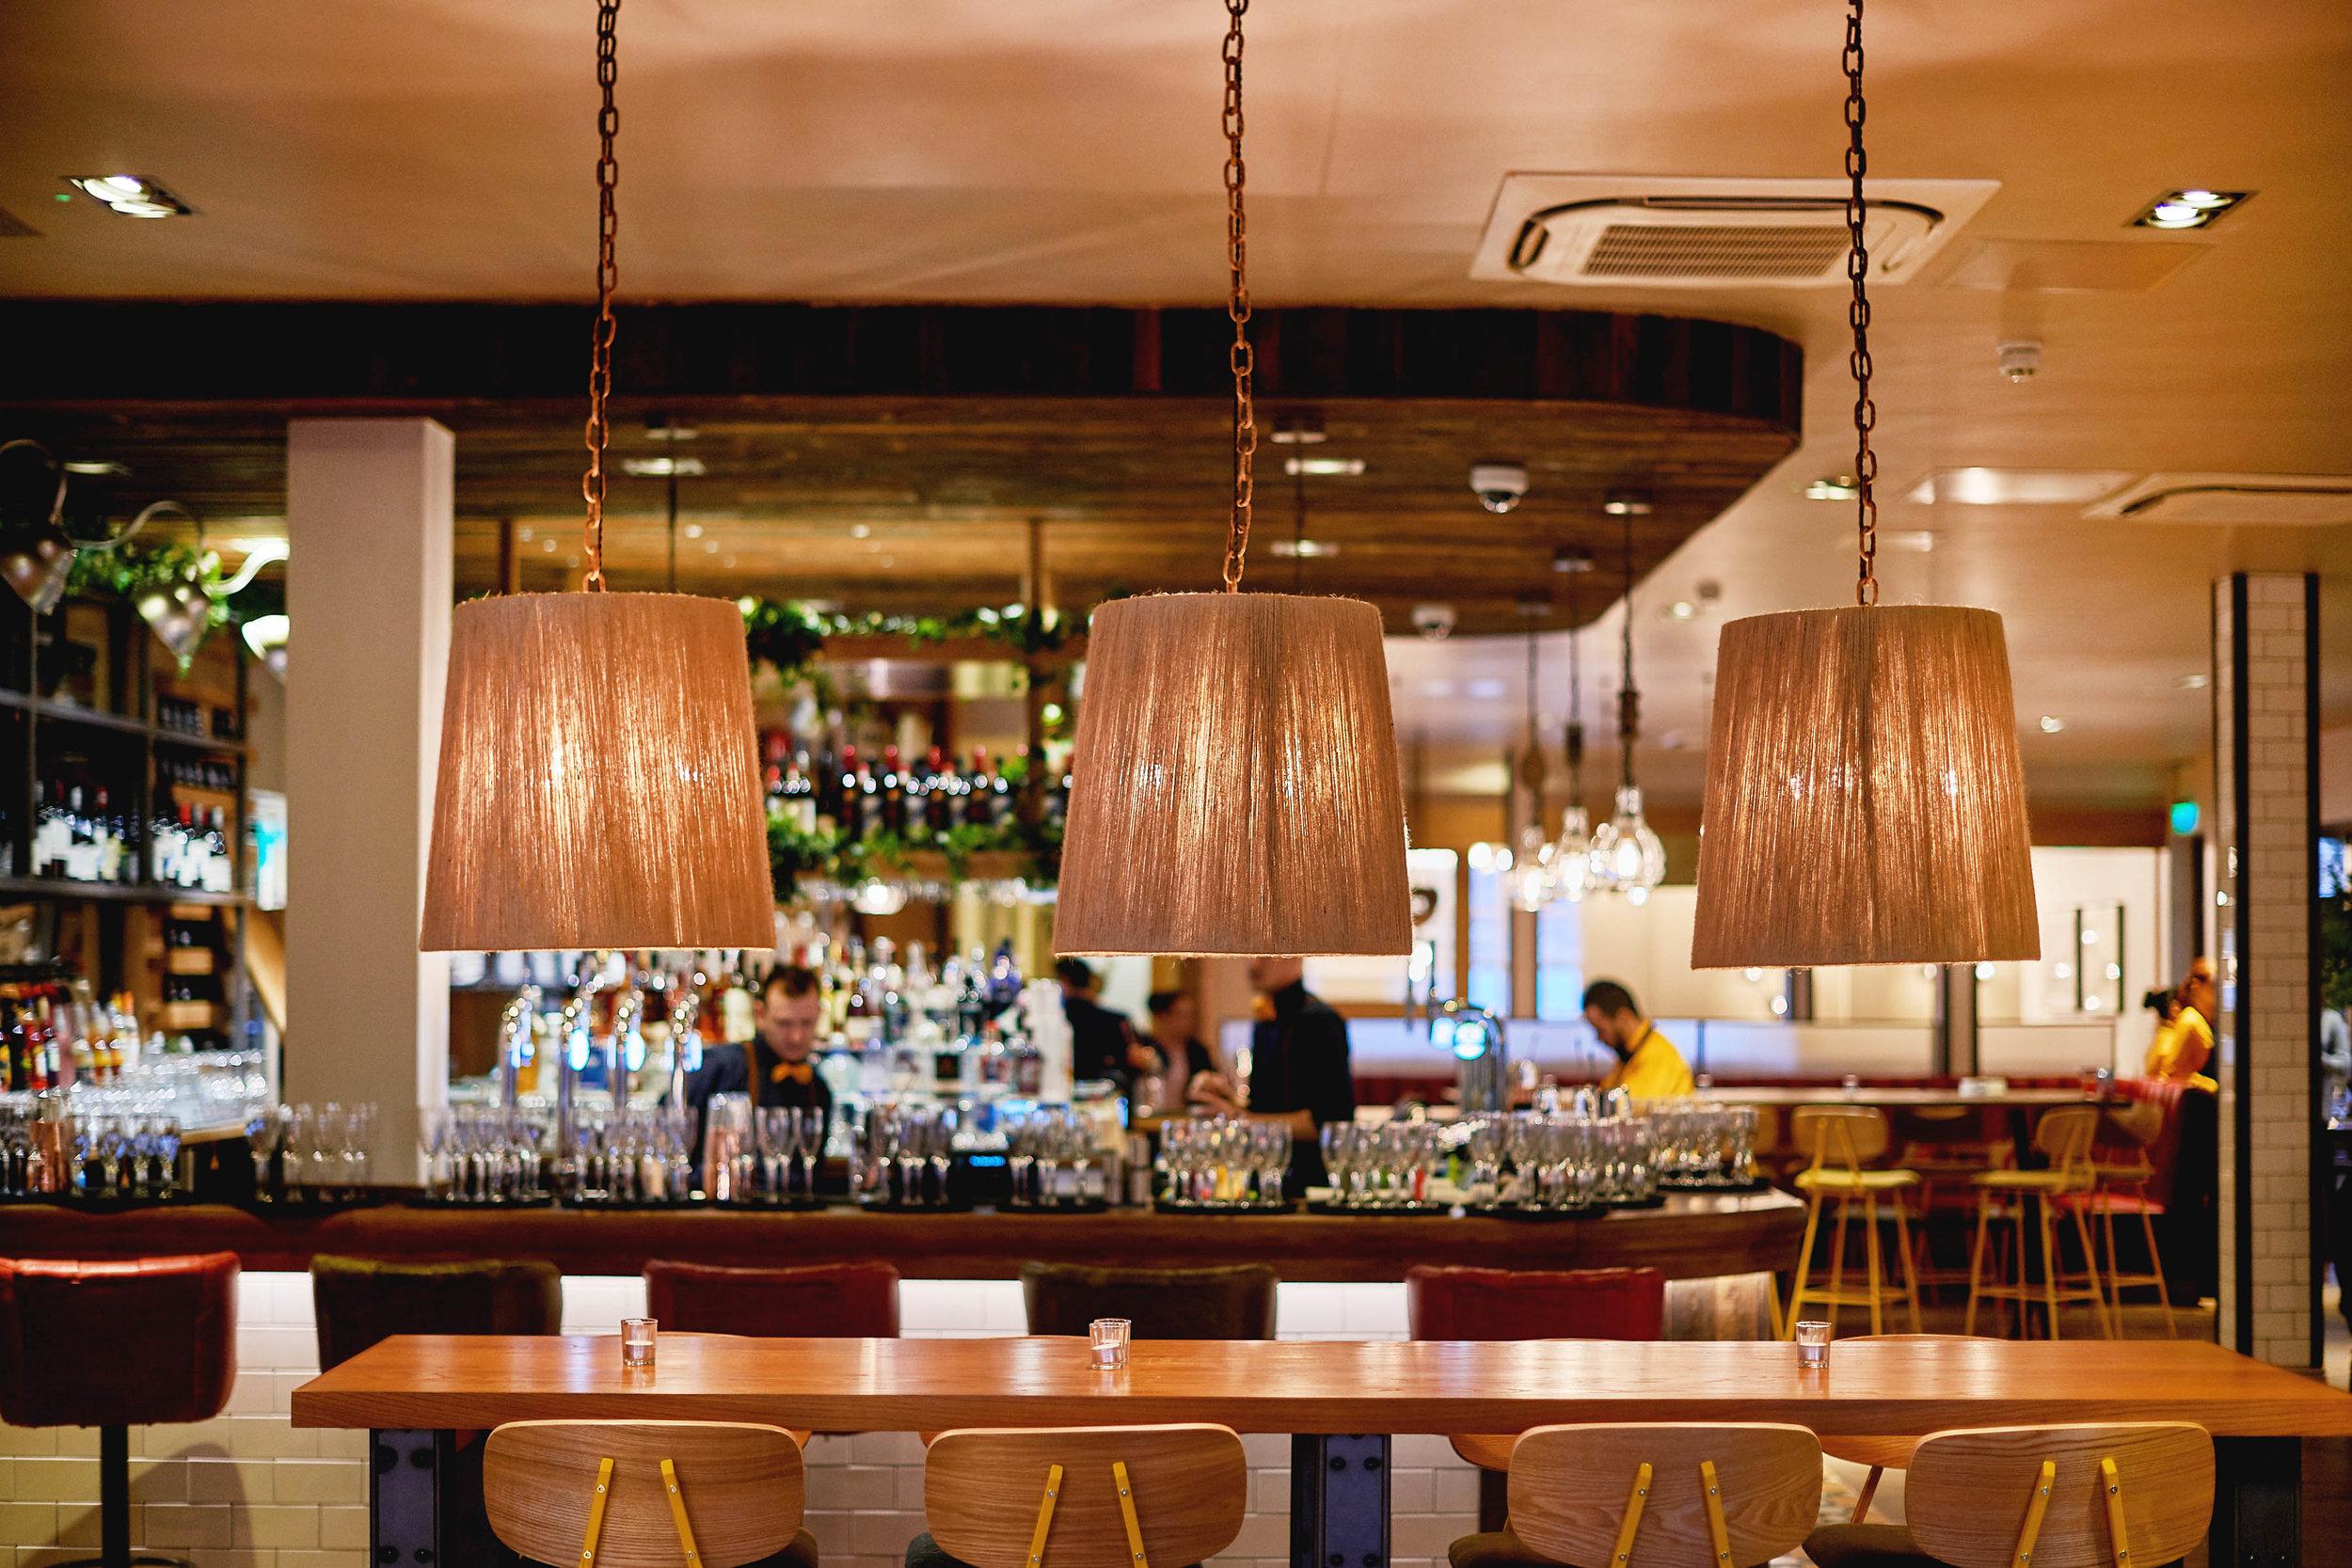 pendant-light-restaurant-design.jpg